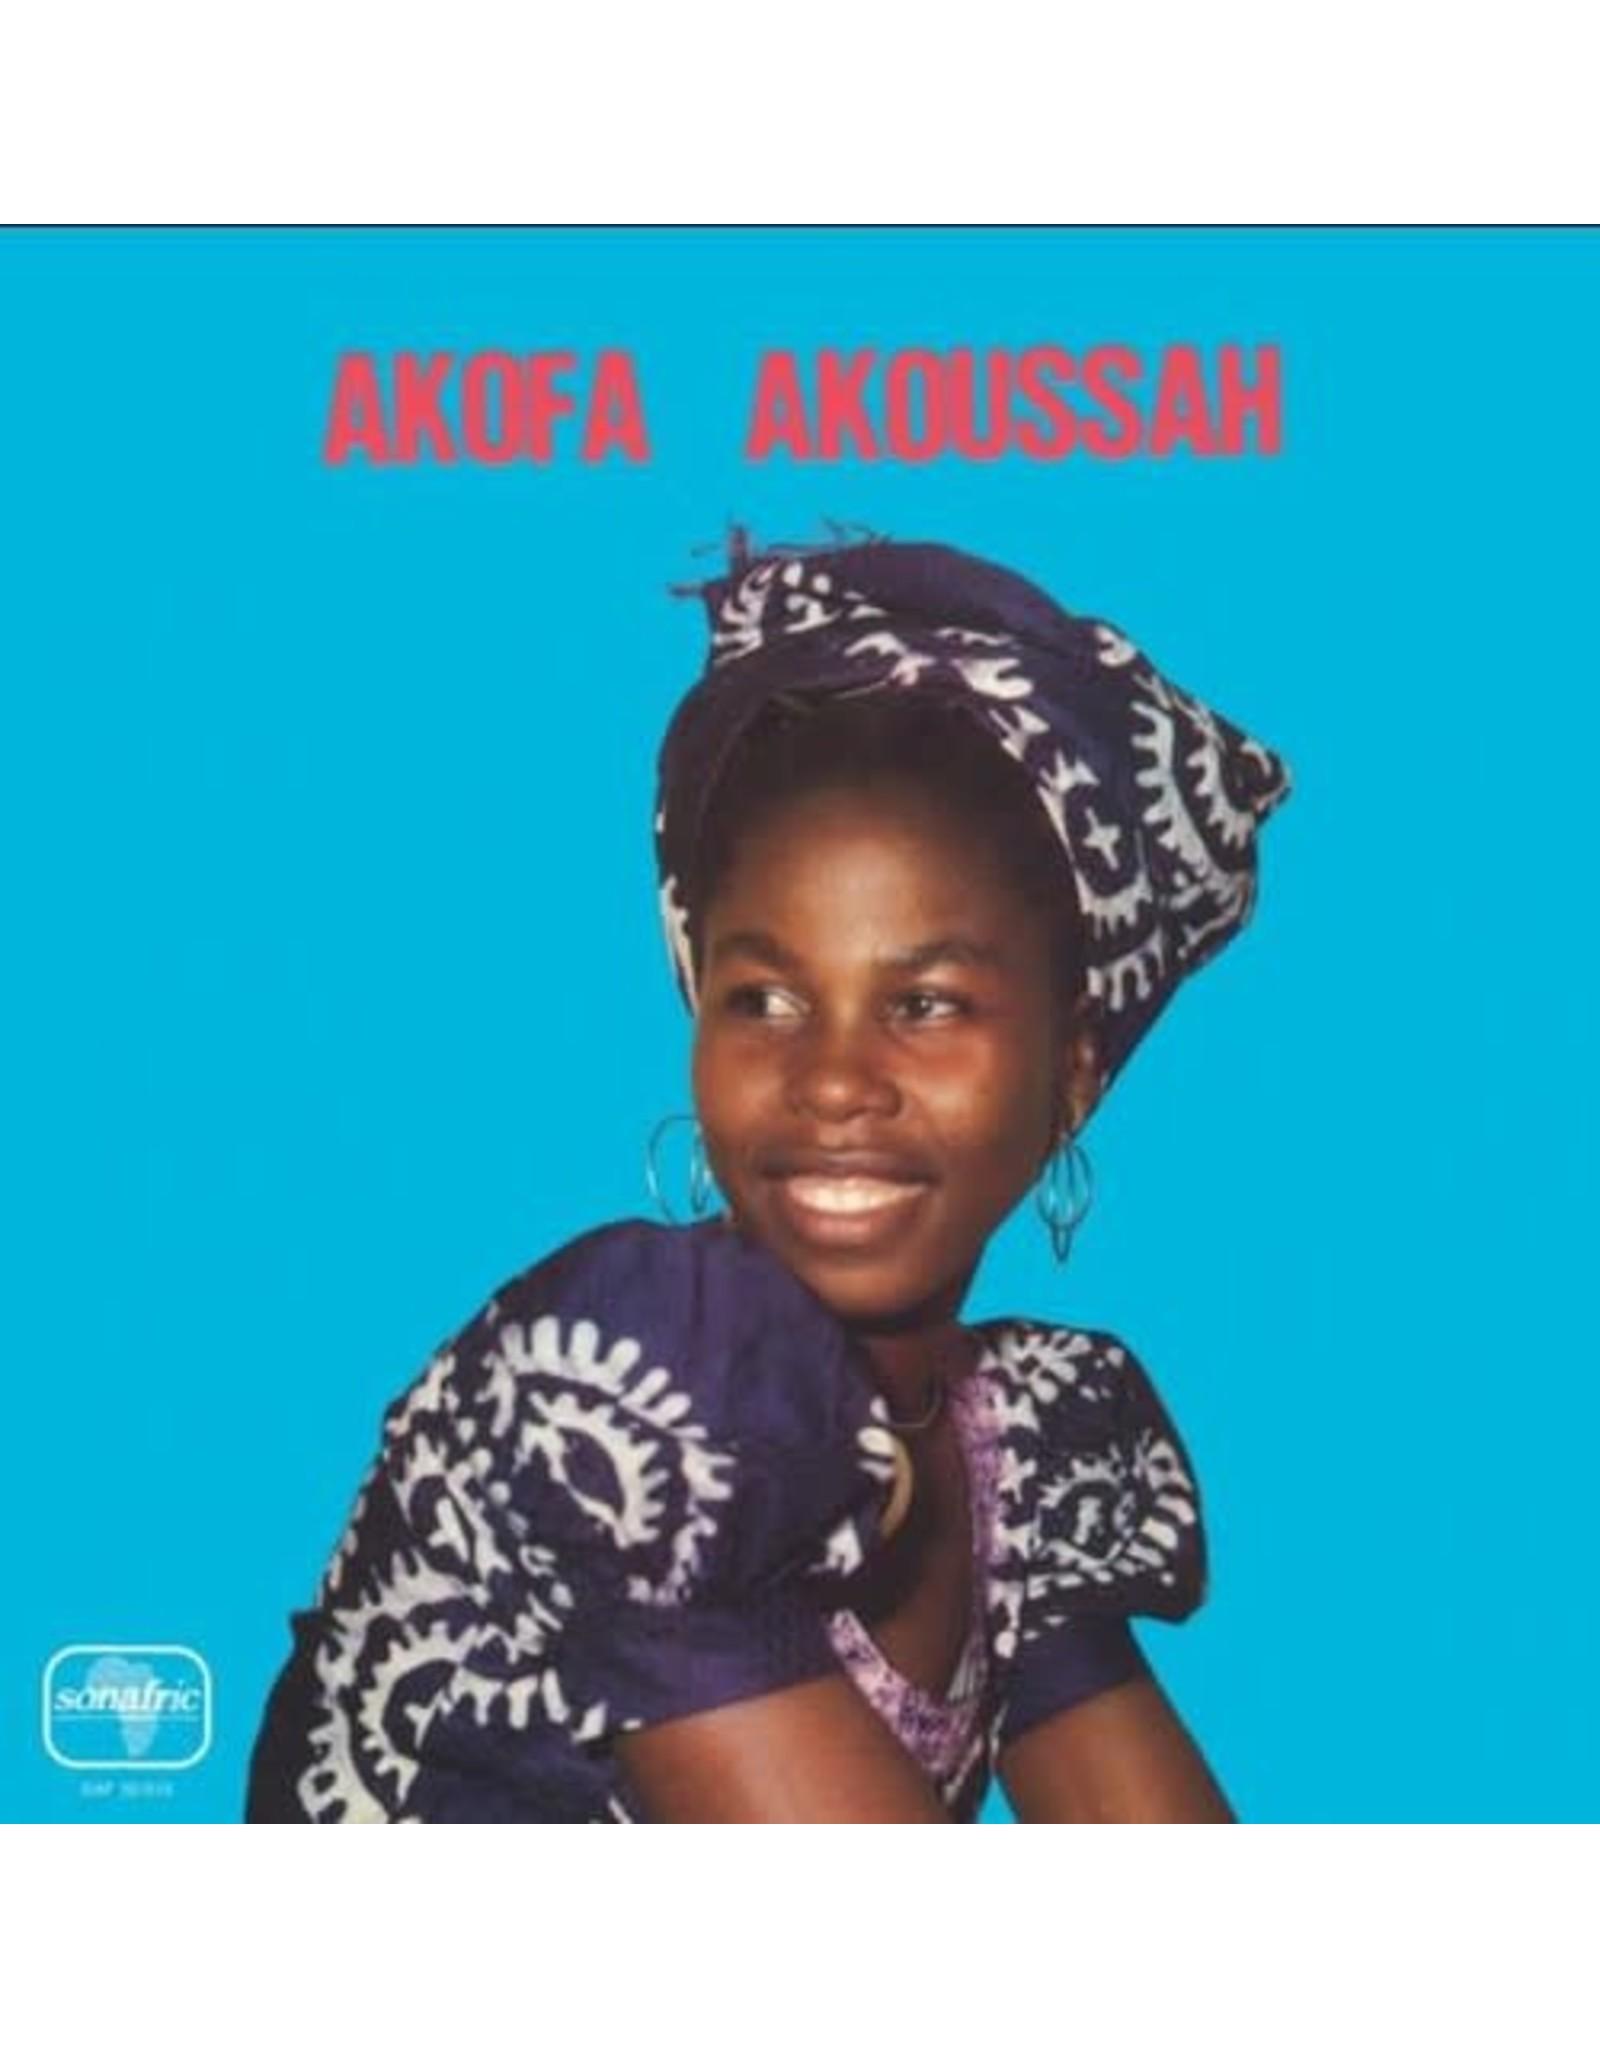 Akoussah, Akofa / Akofa Akoussah (2019 Mr. Bongo Reissue)